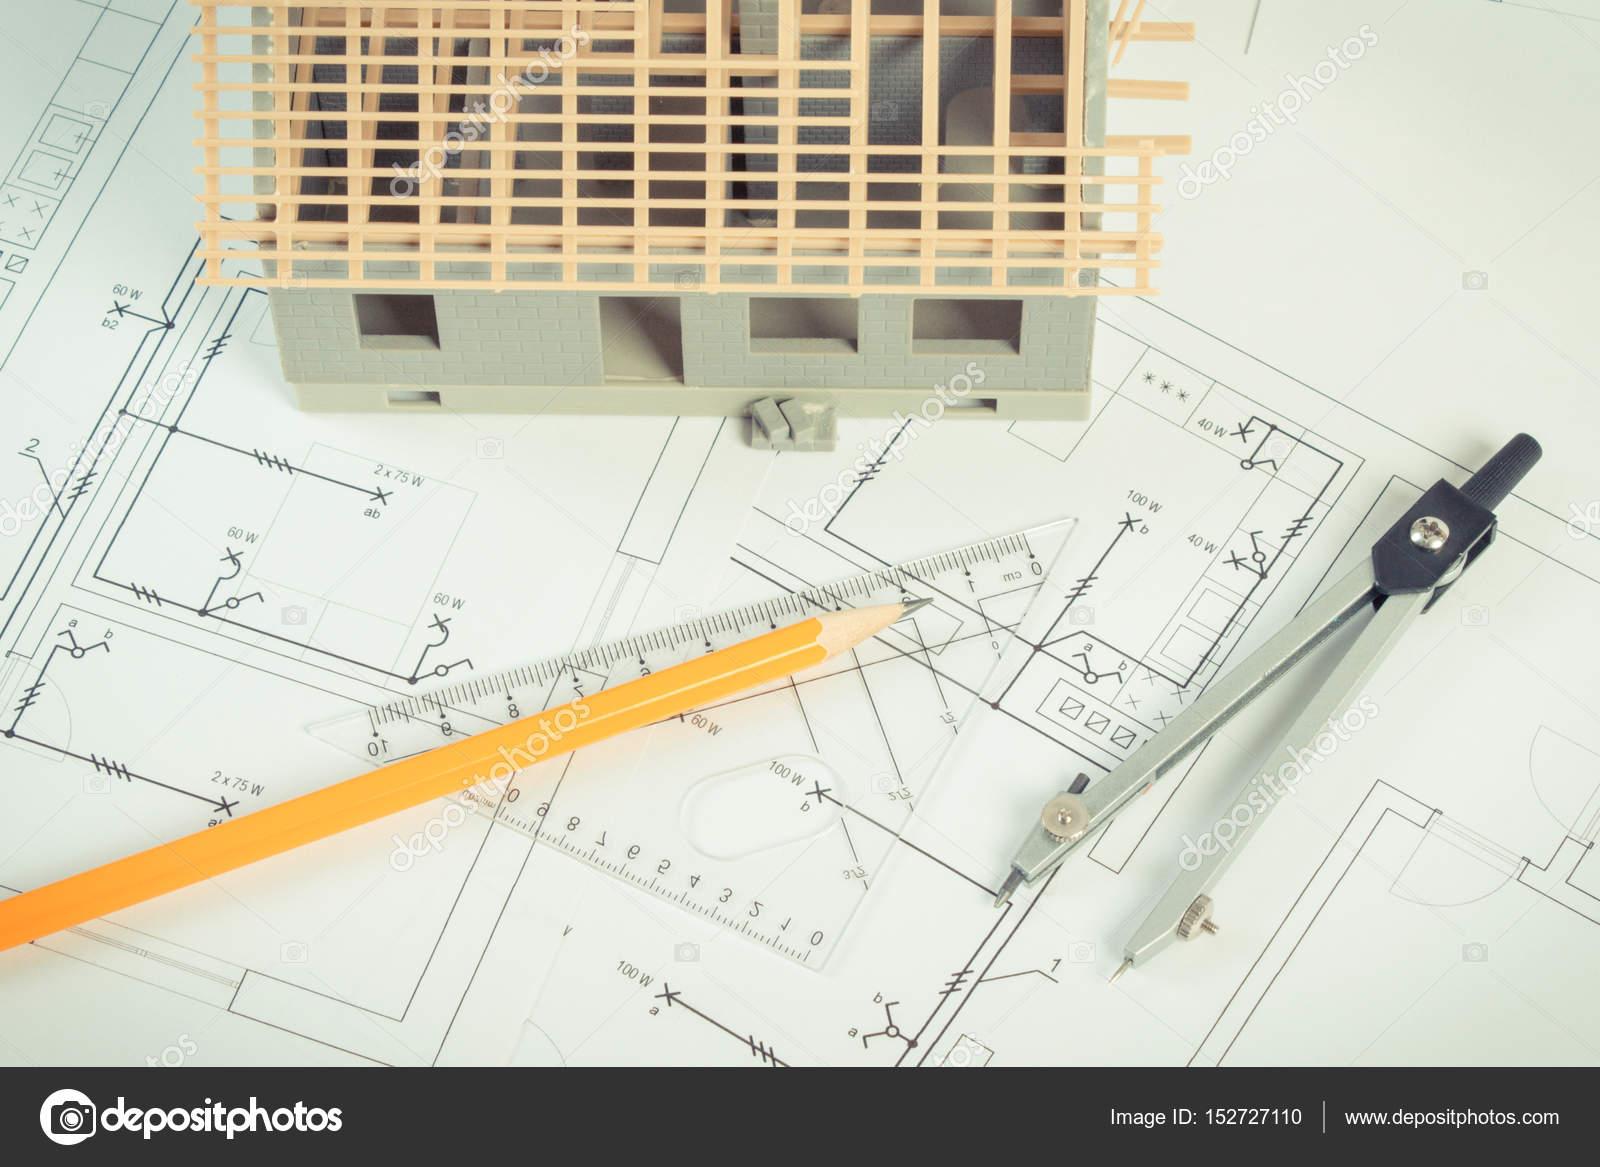 Schemi Elettrici Casa : Casa in costruzione e accessori per il disegno di schemi elettrici